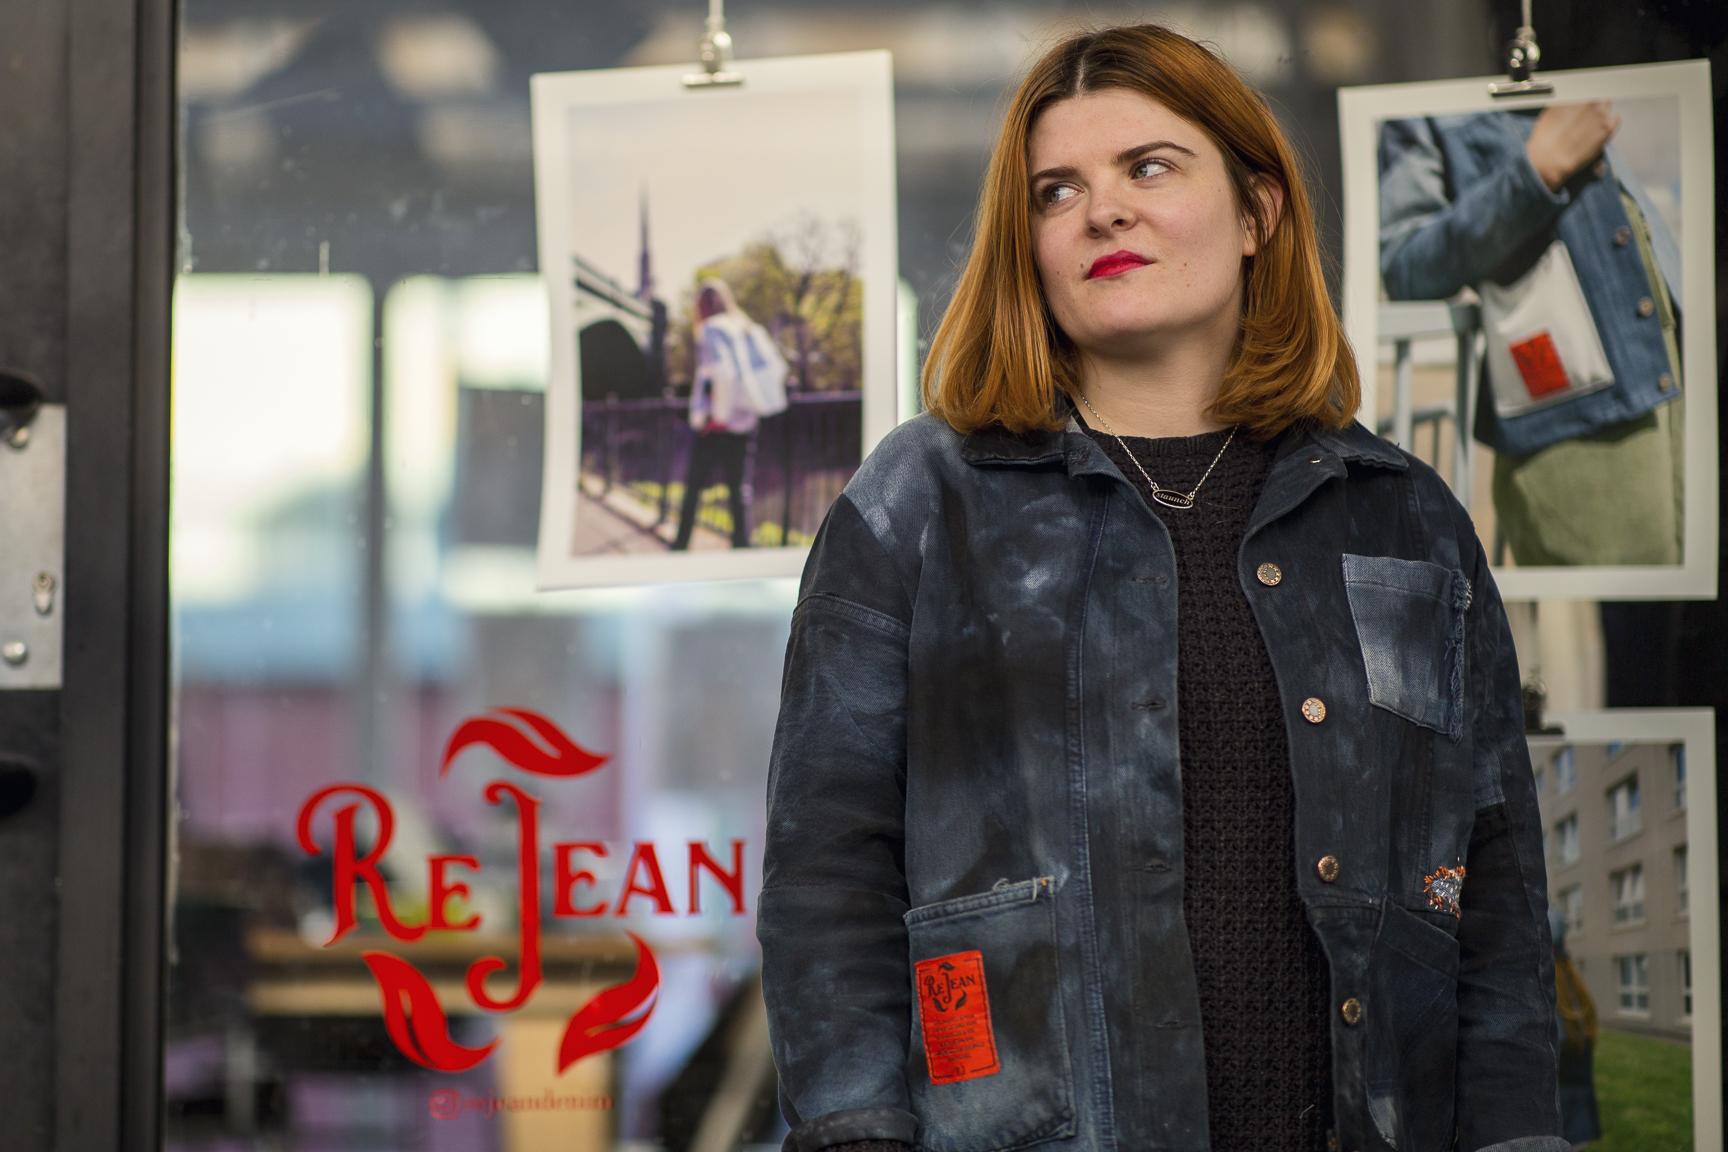 Rejean Denim